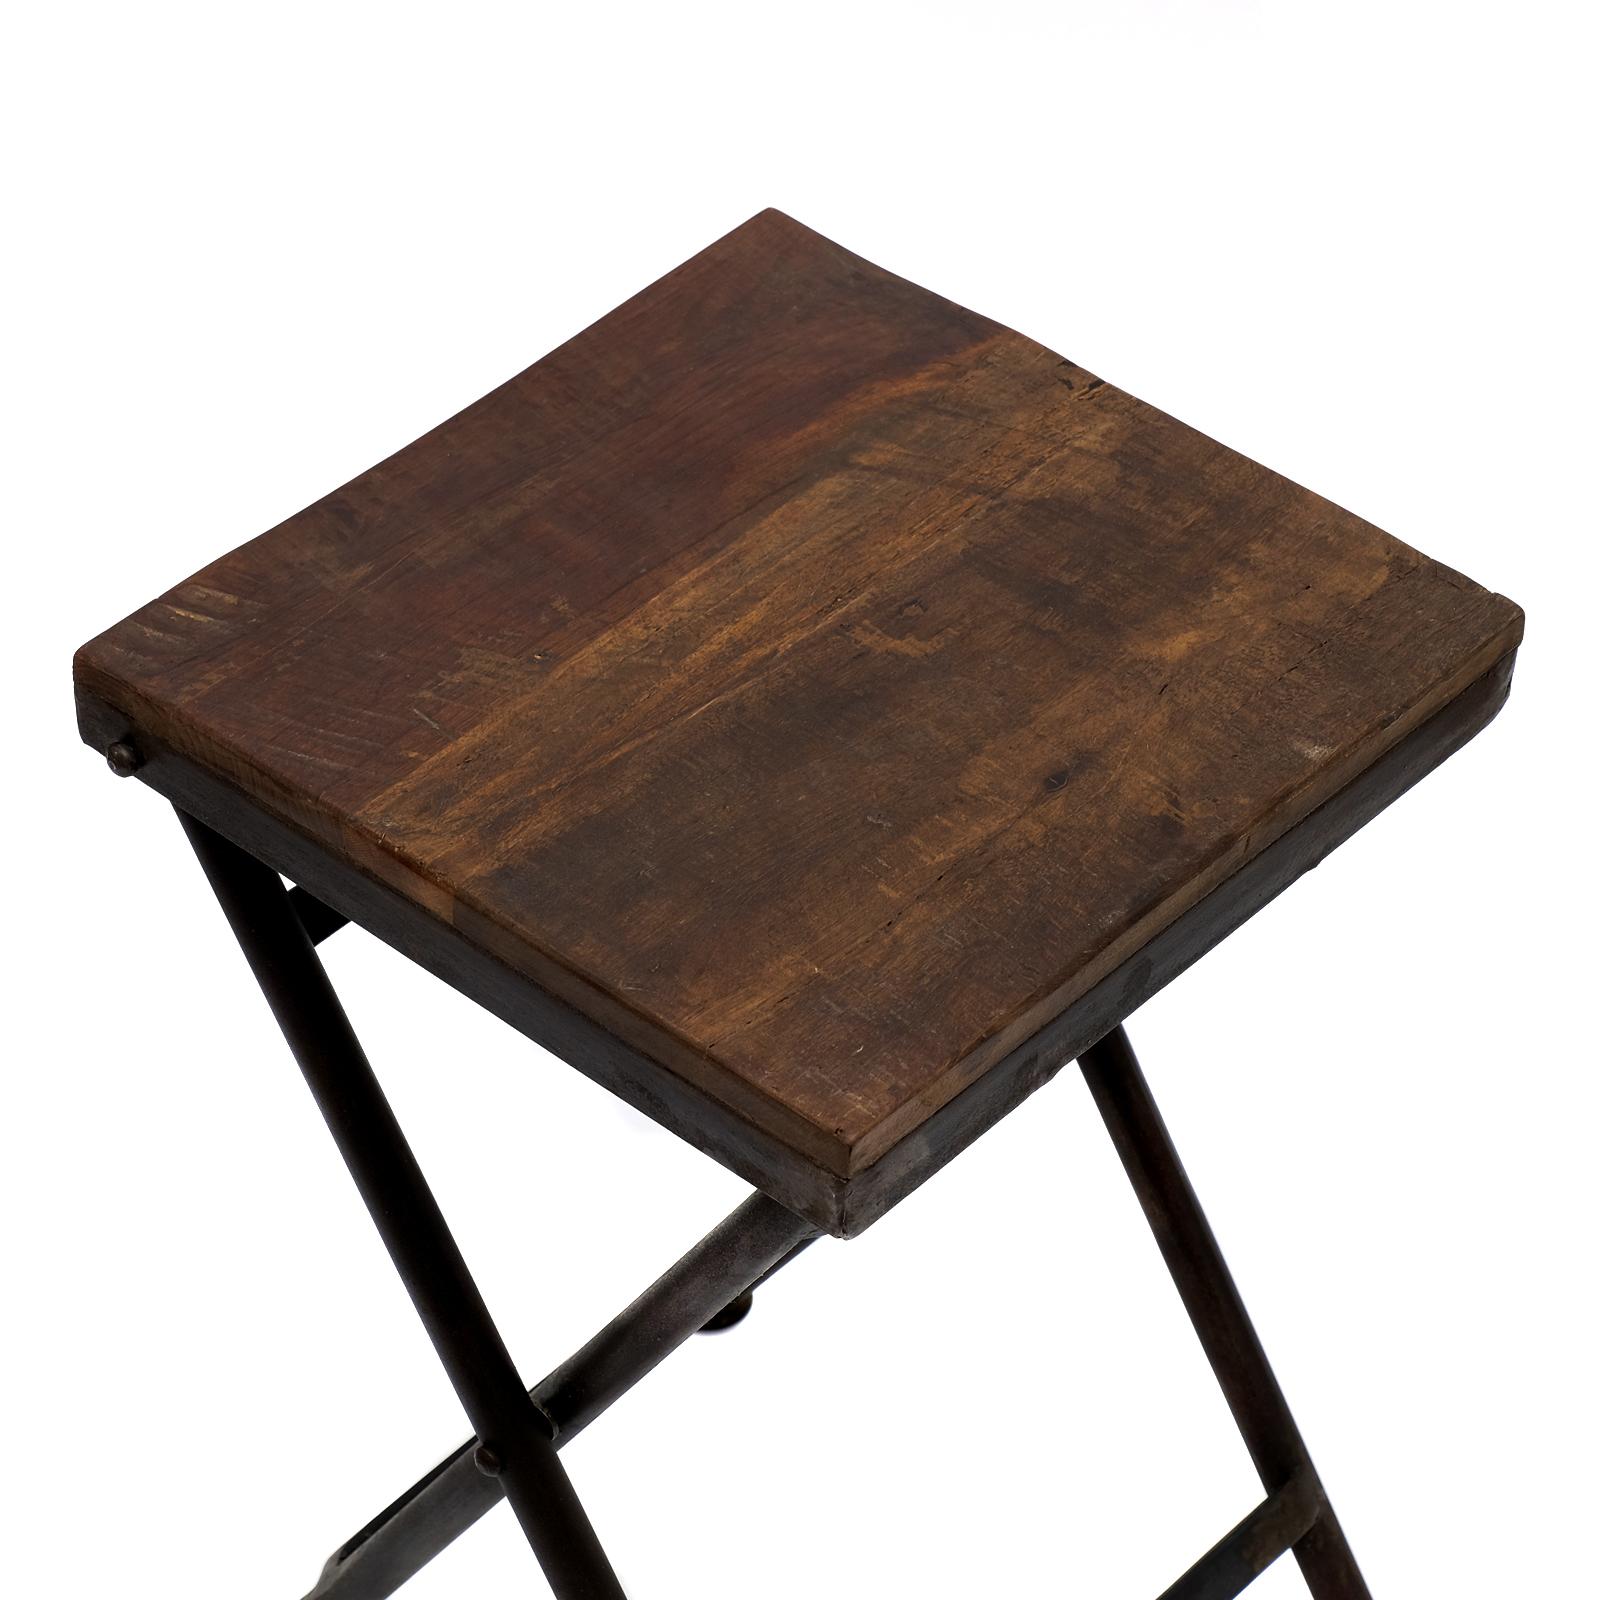 klapptisch beistelltisch hocker holz eisen massiv. Black Bedroom Furniture Sets. Home Design Ideas